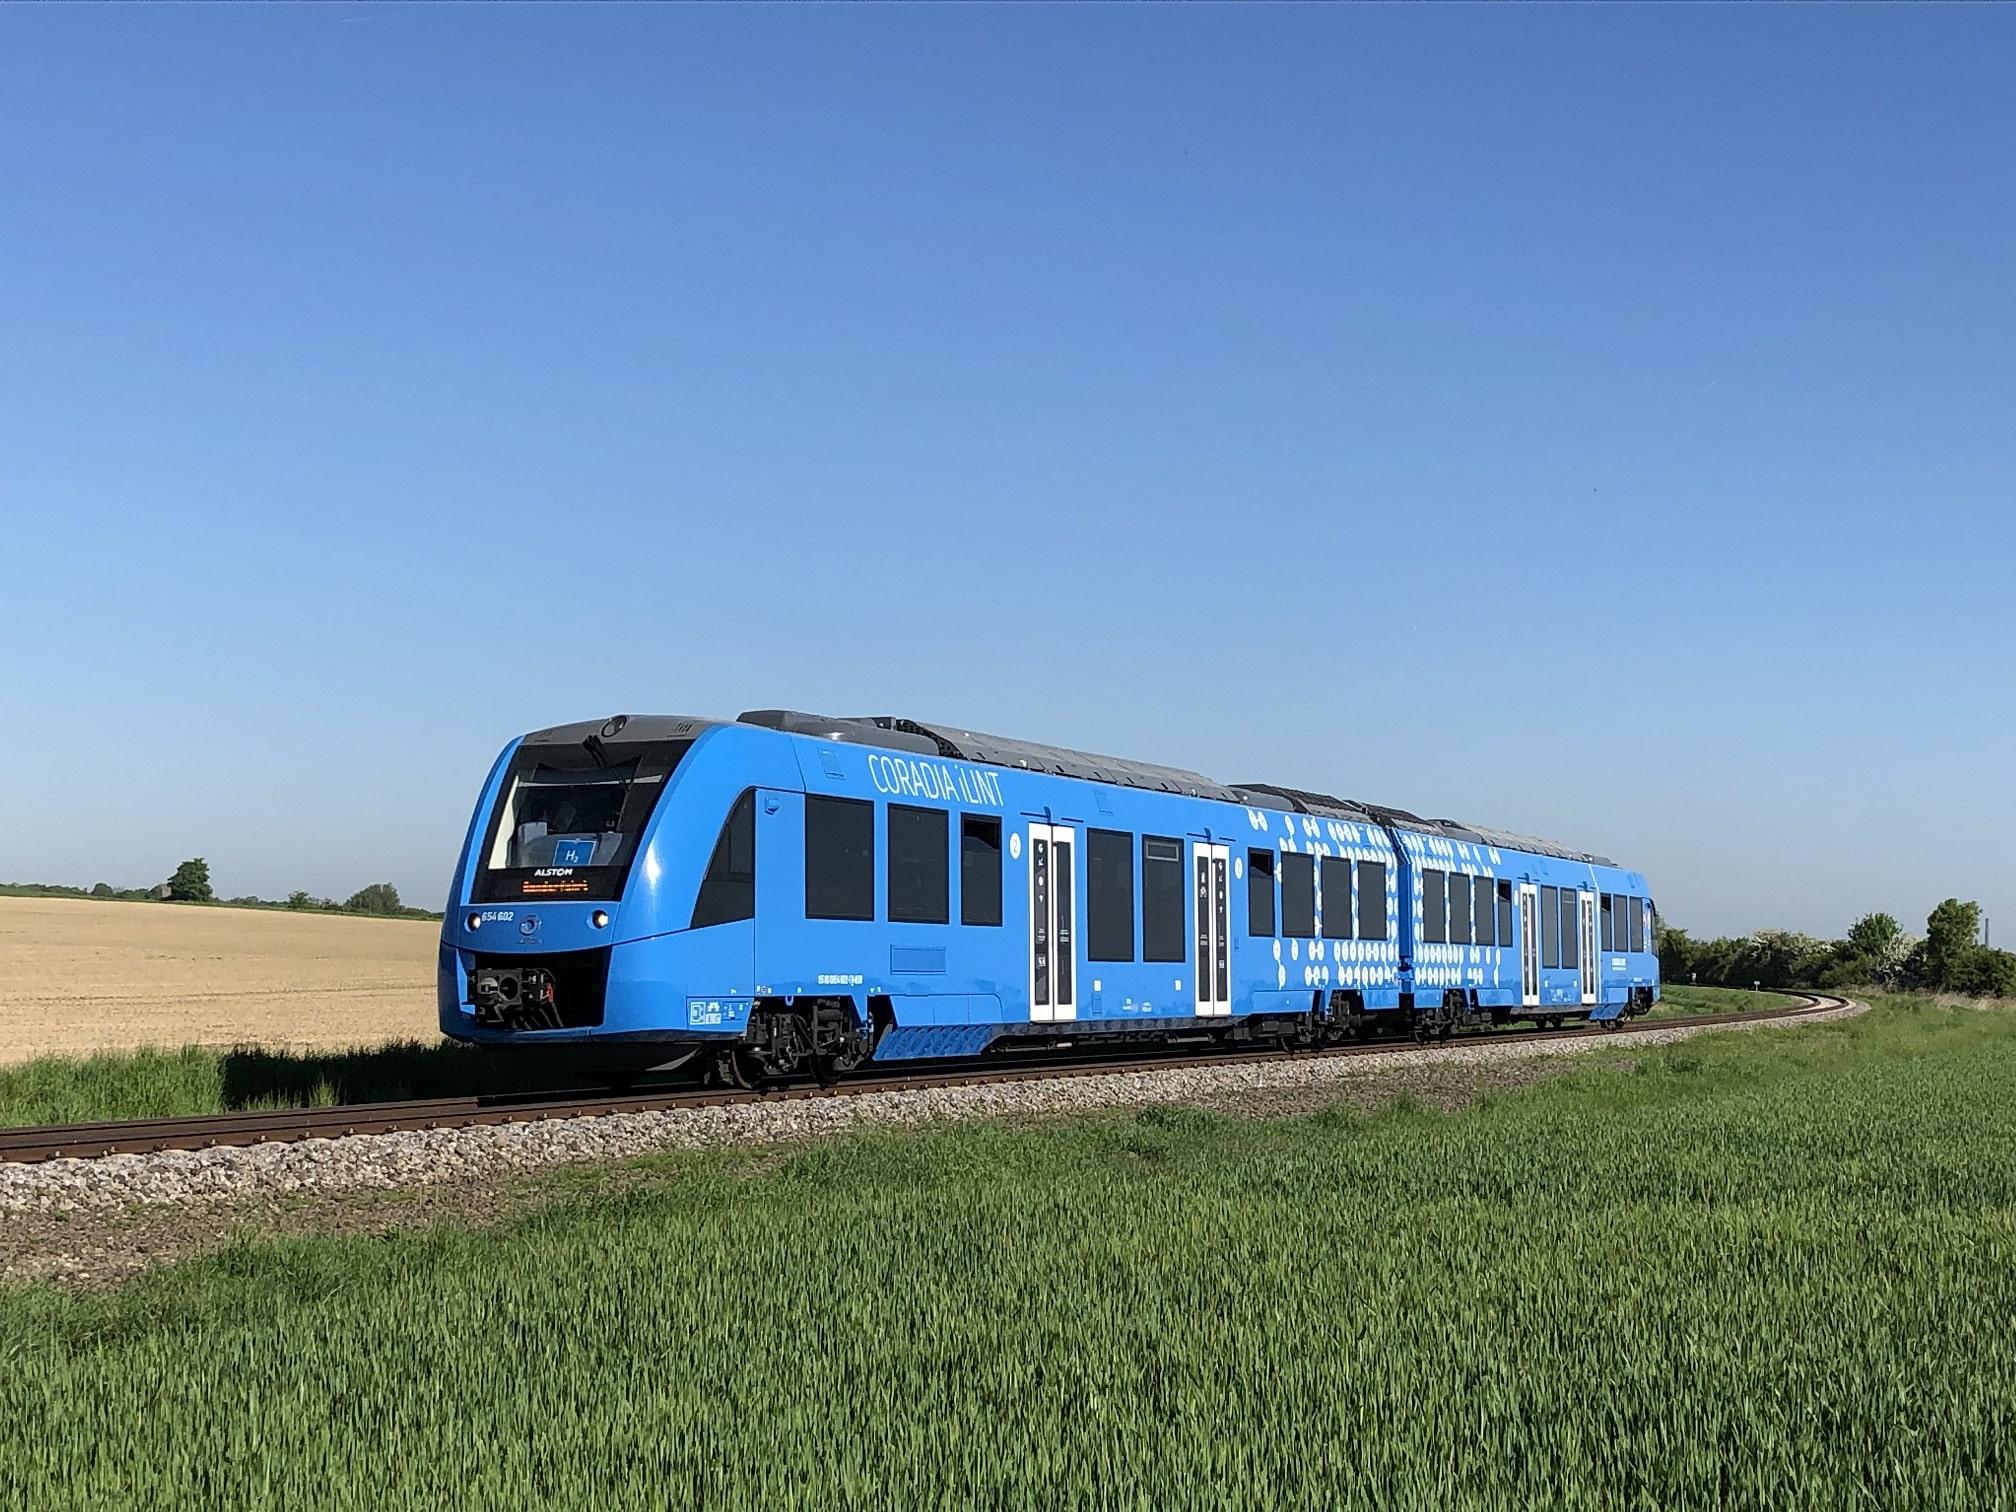 Los primeros trenes de hidrógeno del mundo completan con éxito su periodo de pruebas 3